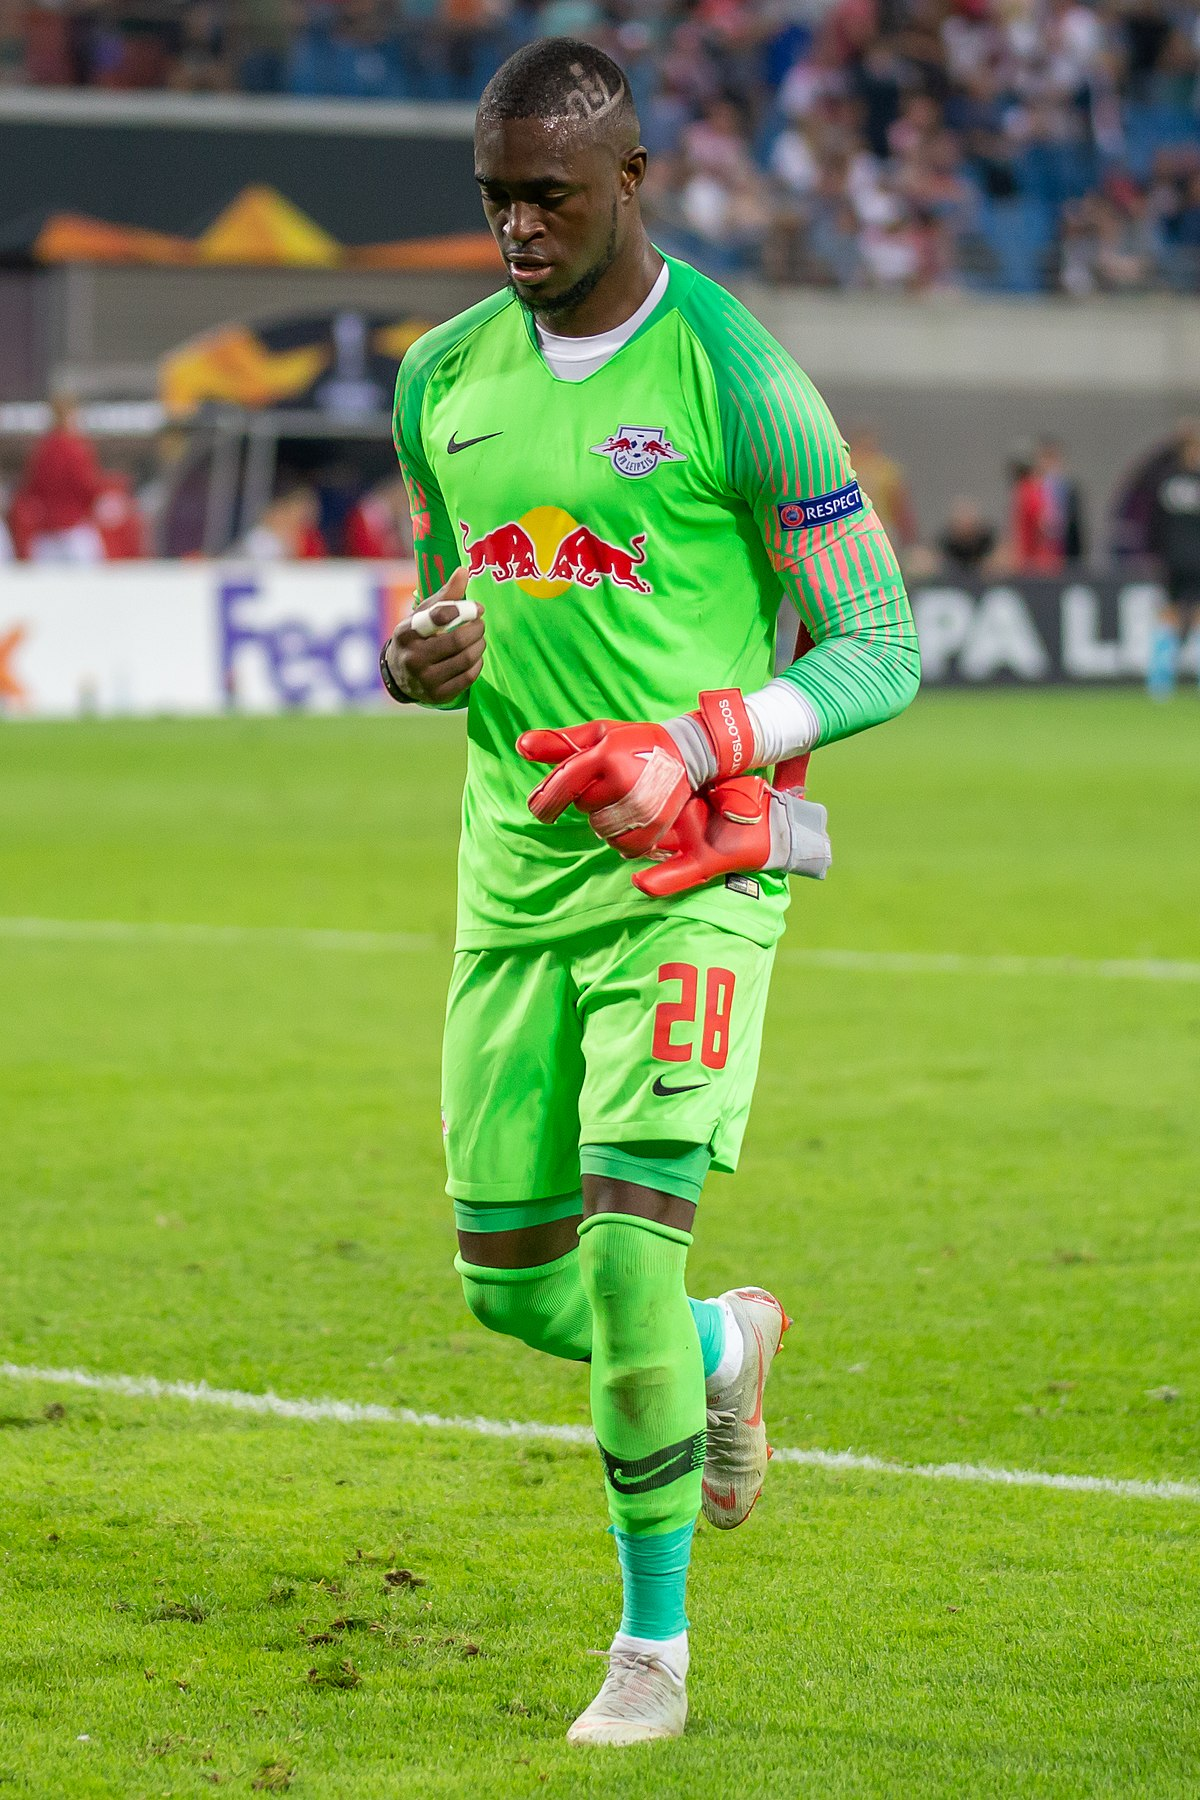 Yvon Mvogo